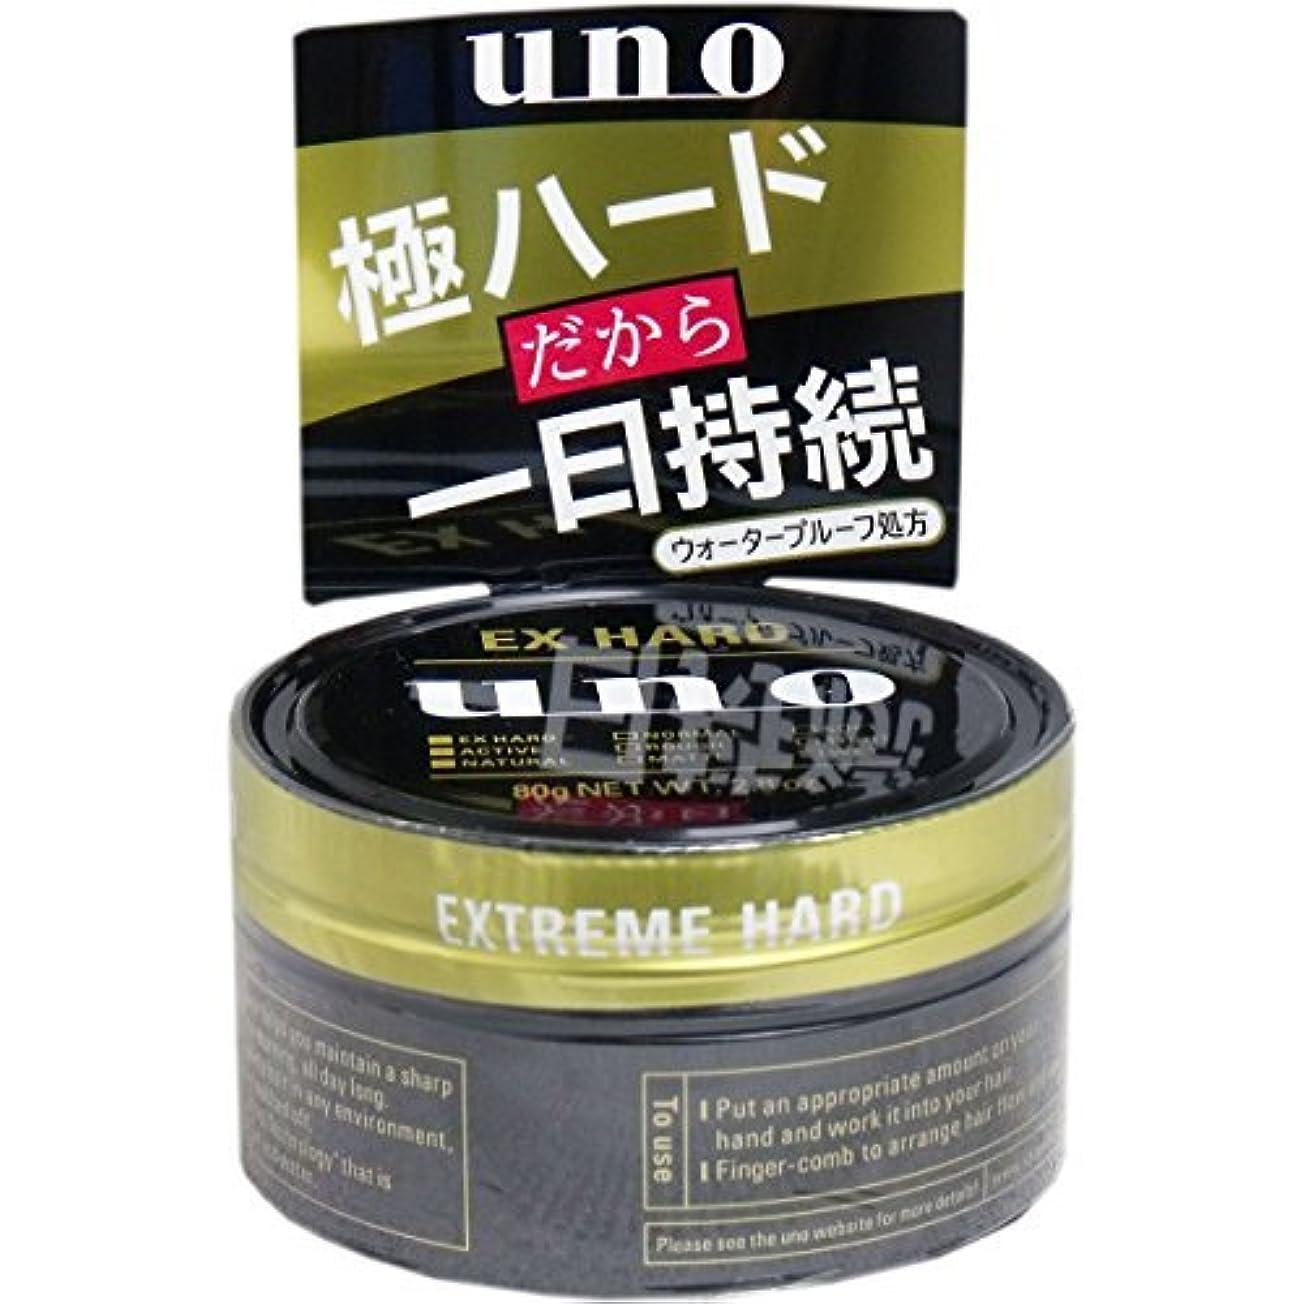 犯罪メディア債権者UNO(ウーノ) エクストリームハード 整髪料 80g